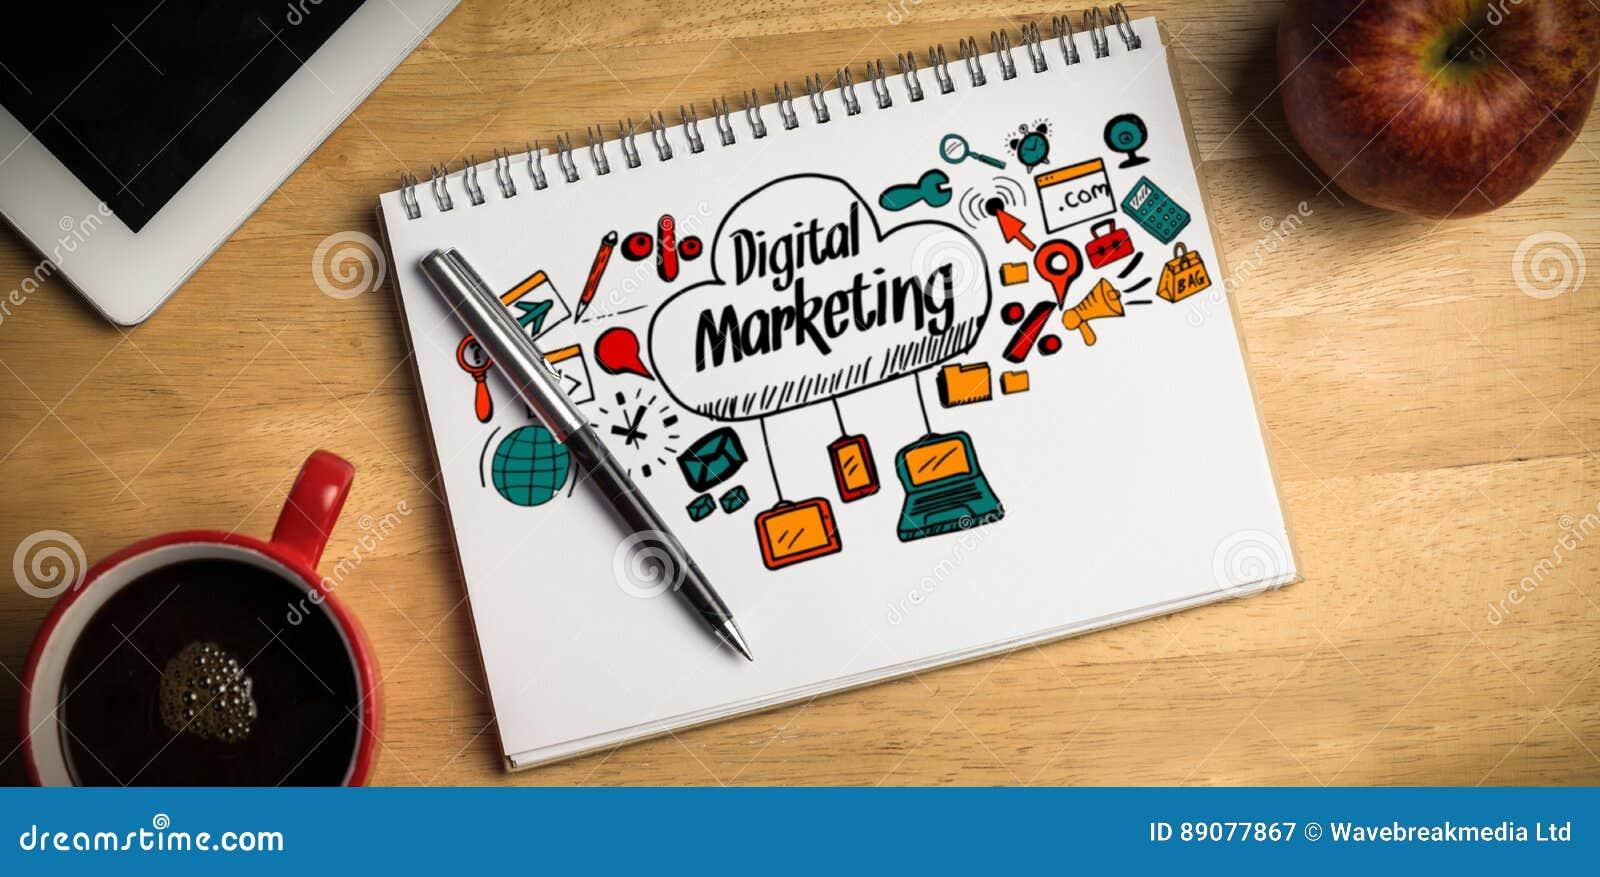 Σύνθετη εικόνα της σύνθετης εικόνας του ψηφιακού κειμένου μάρκετινγκ με τα εικονίδια